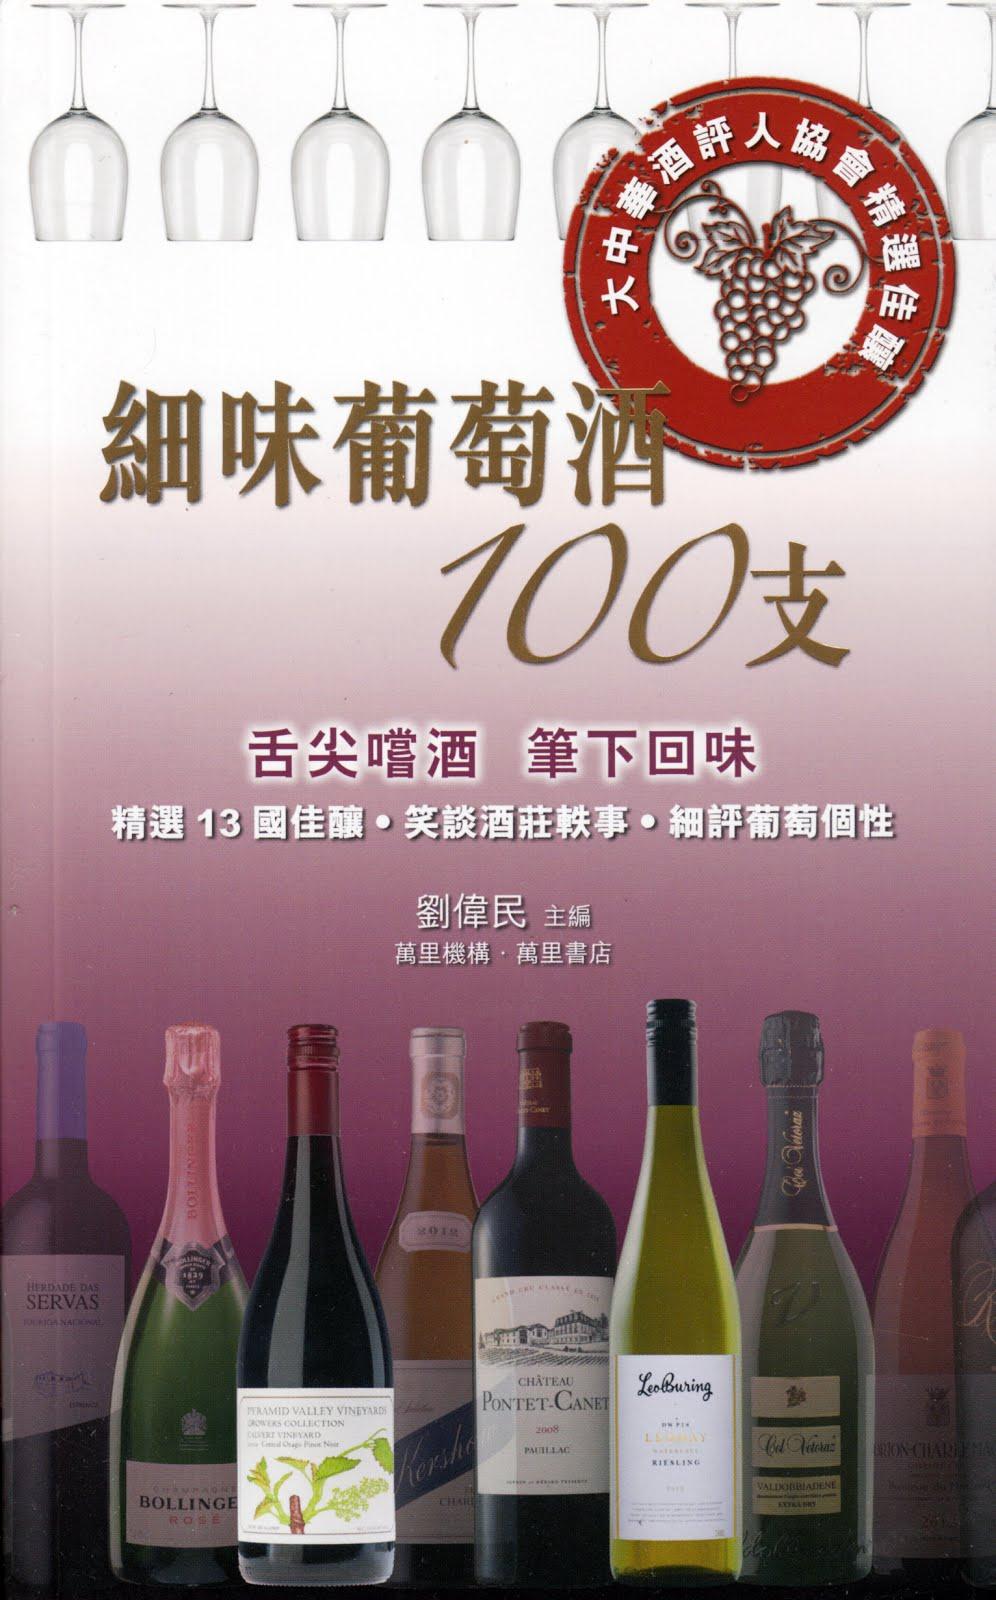 《細味葡萄酒100支》萬里機構出版